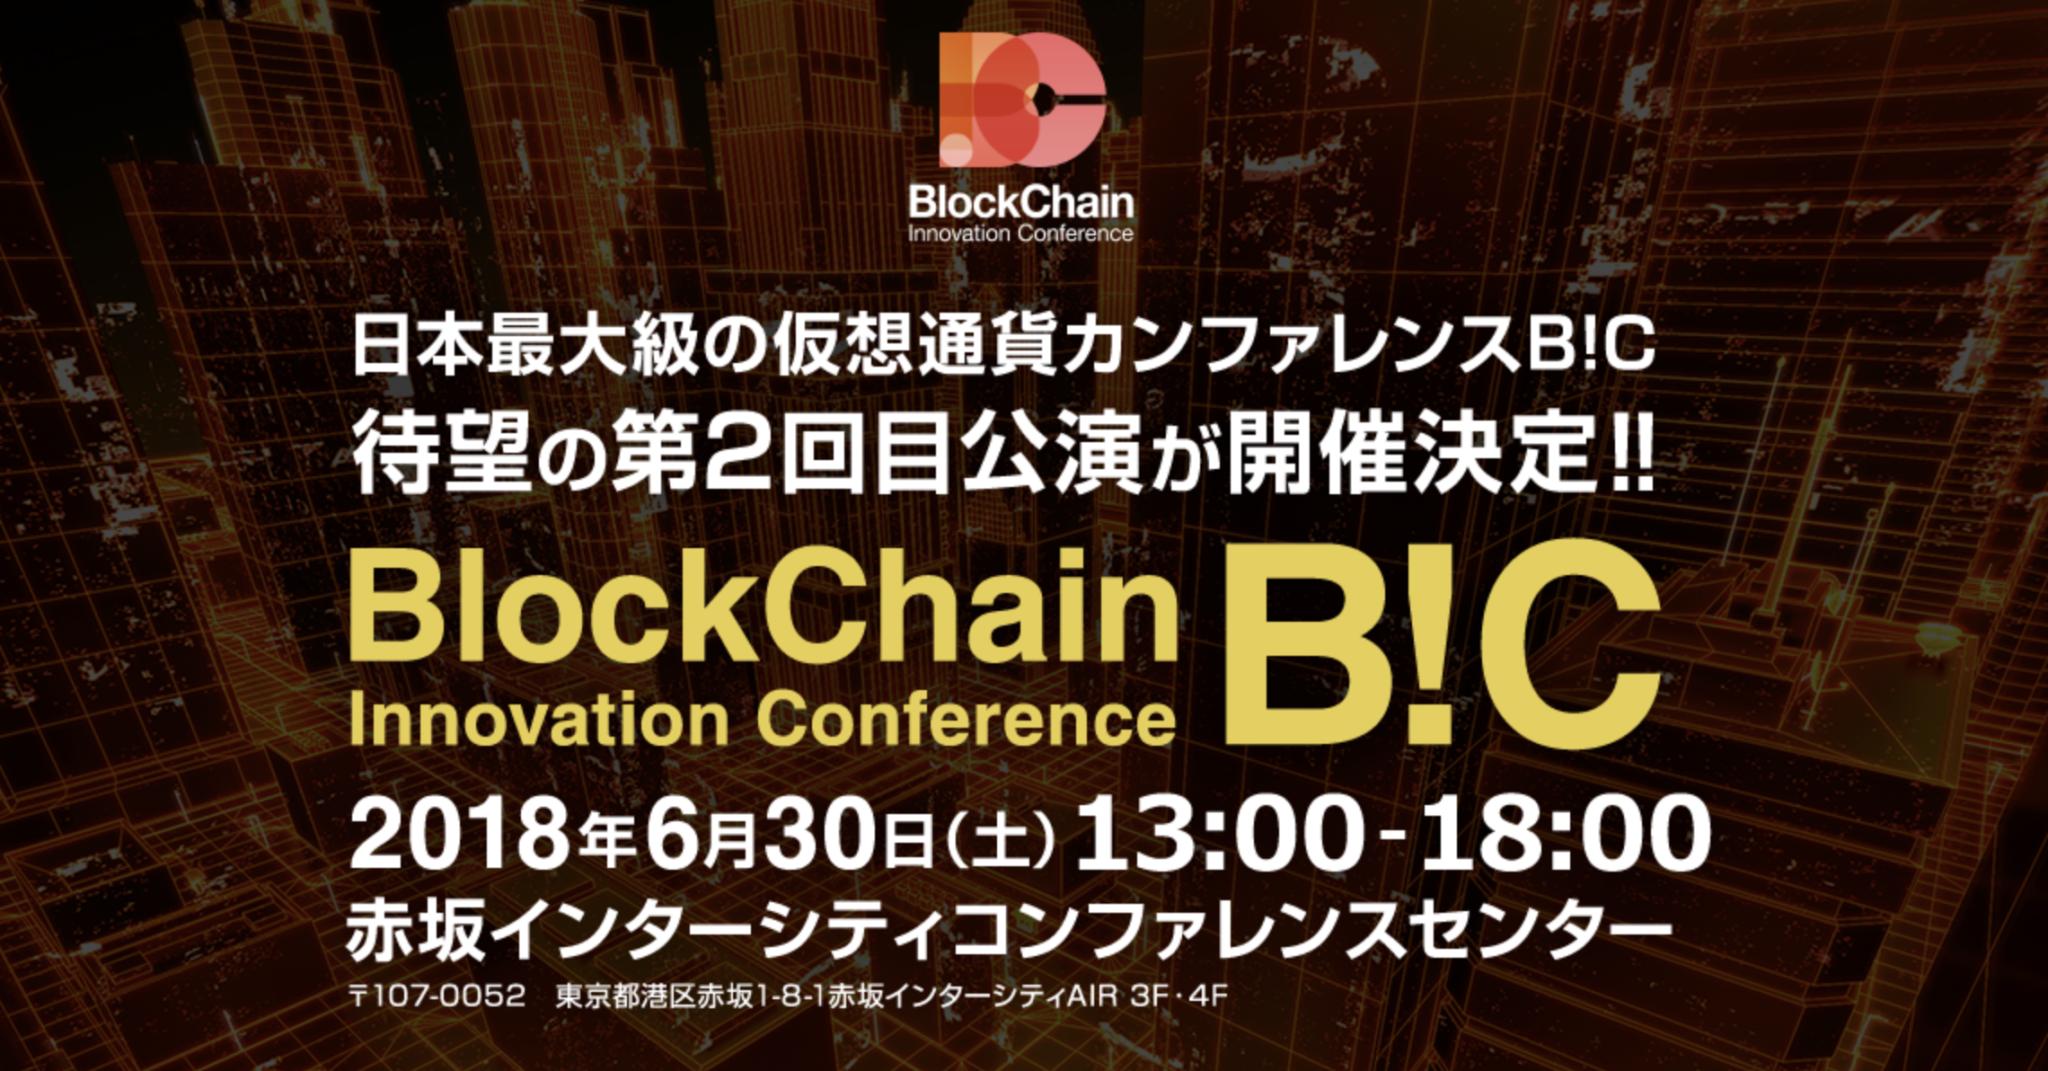 【BIC/B!C】日本最大級のブロックチェーンイベントが6月30日に赤坂で2度目の開催!